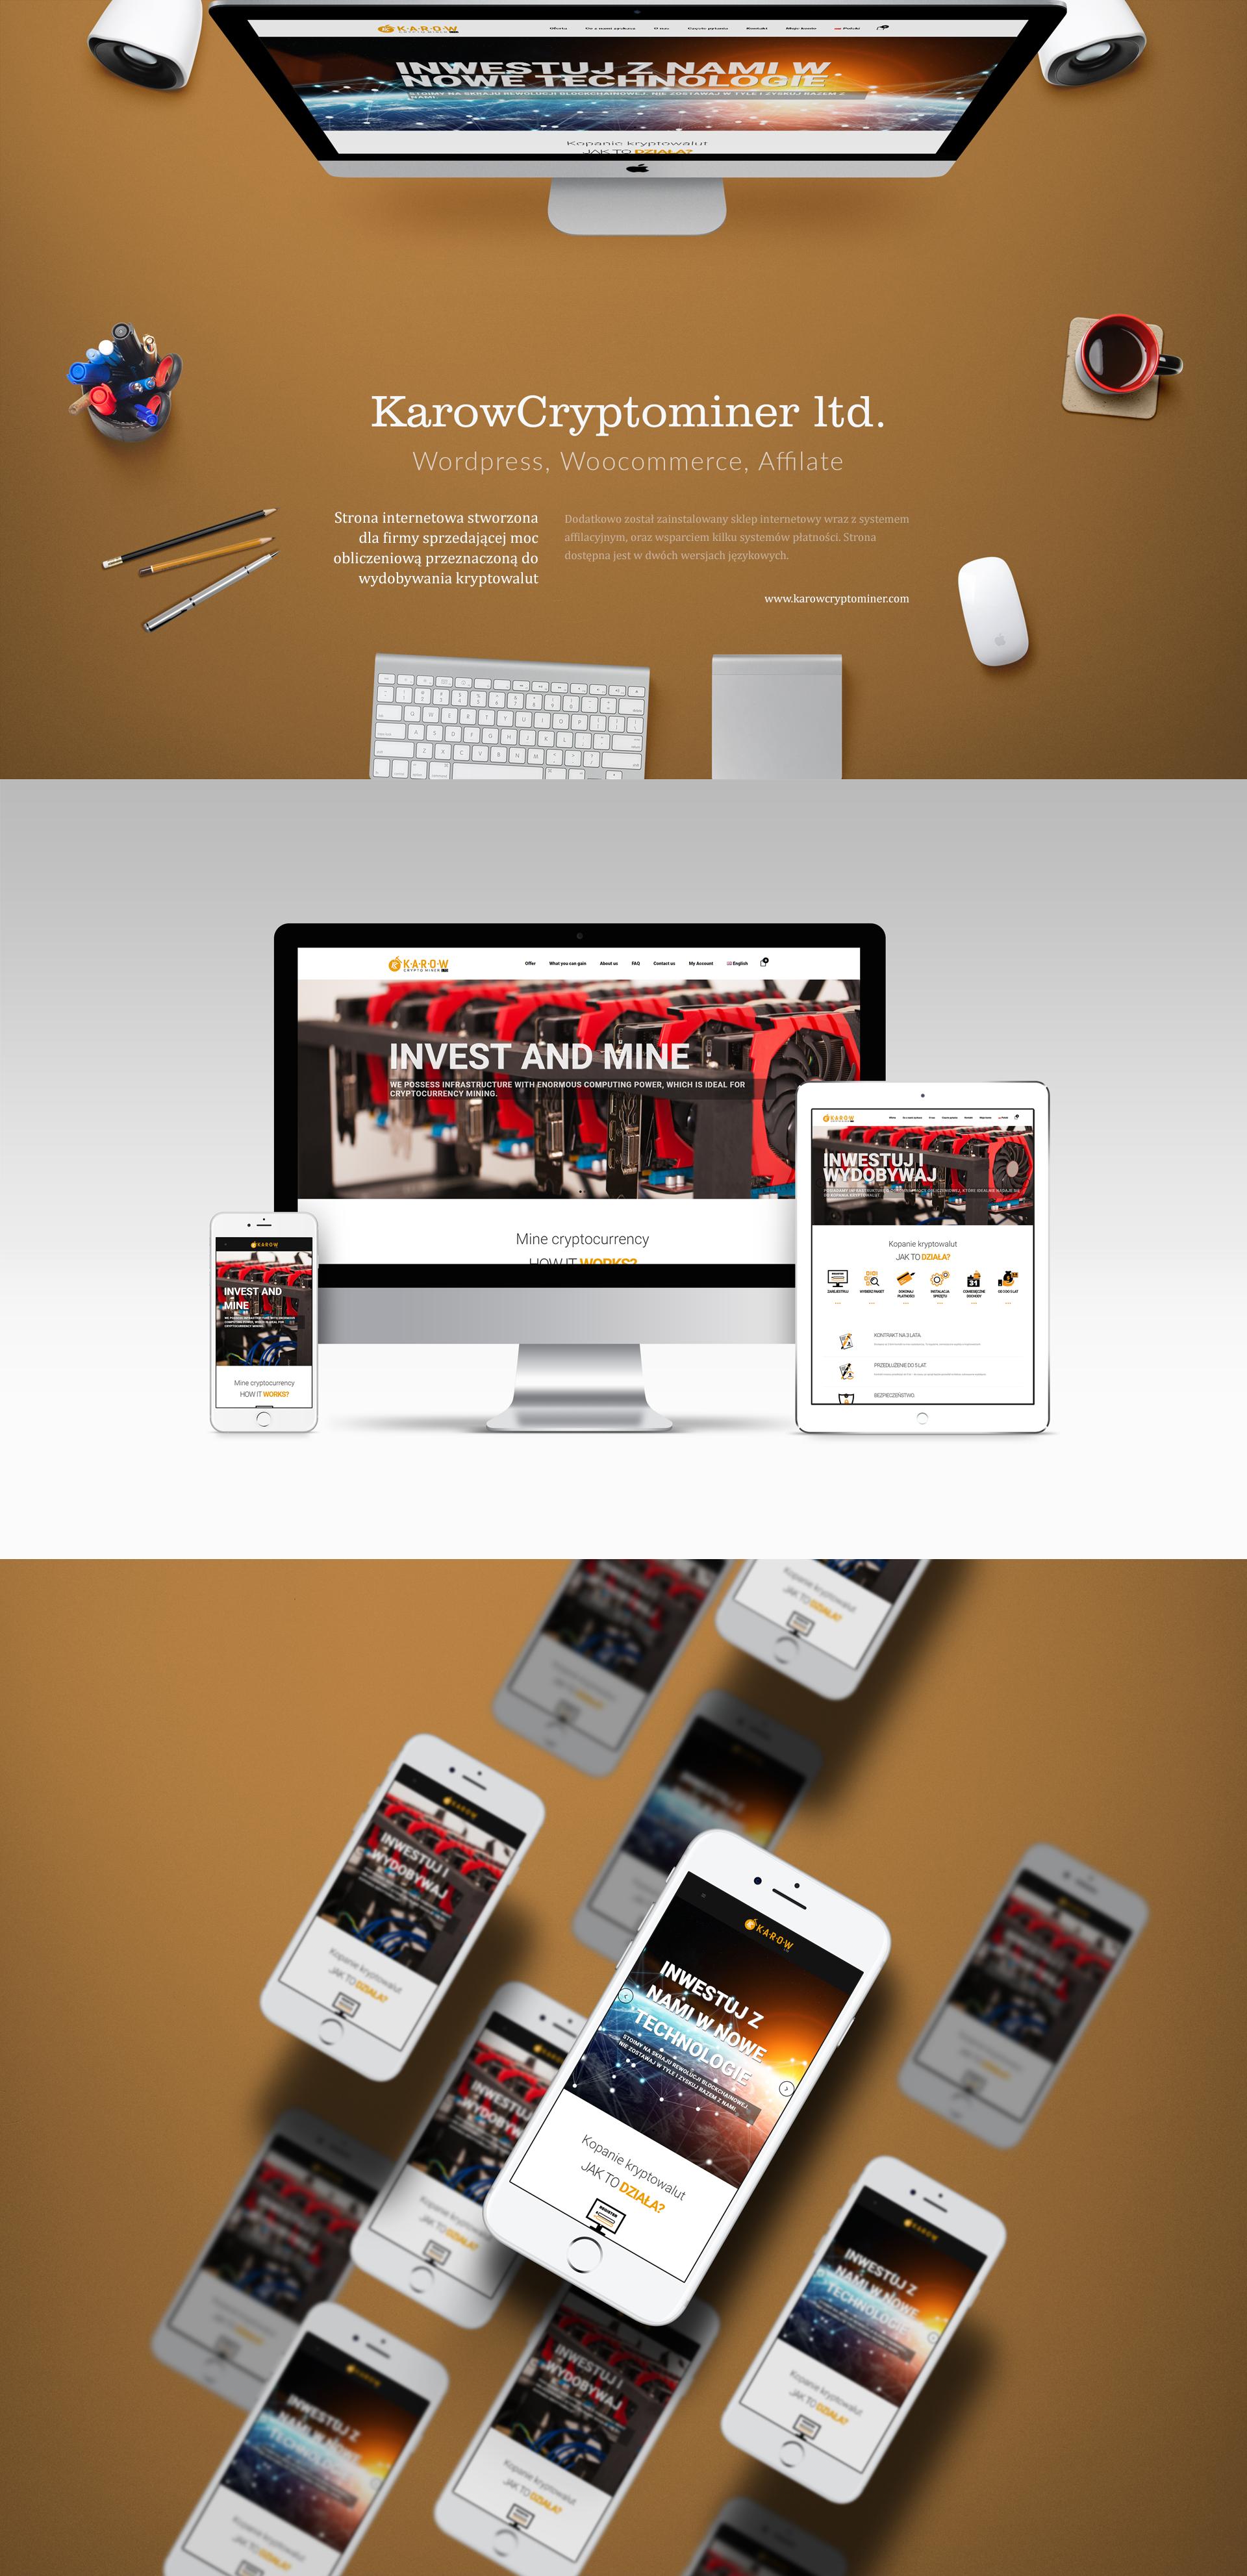 strona-internetowa-wordpress-sklep-internetowy-woocommerce